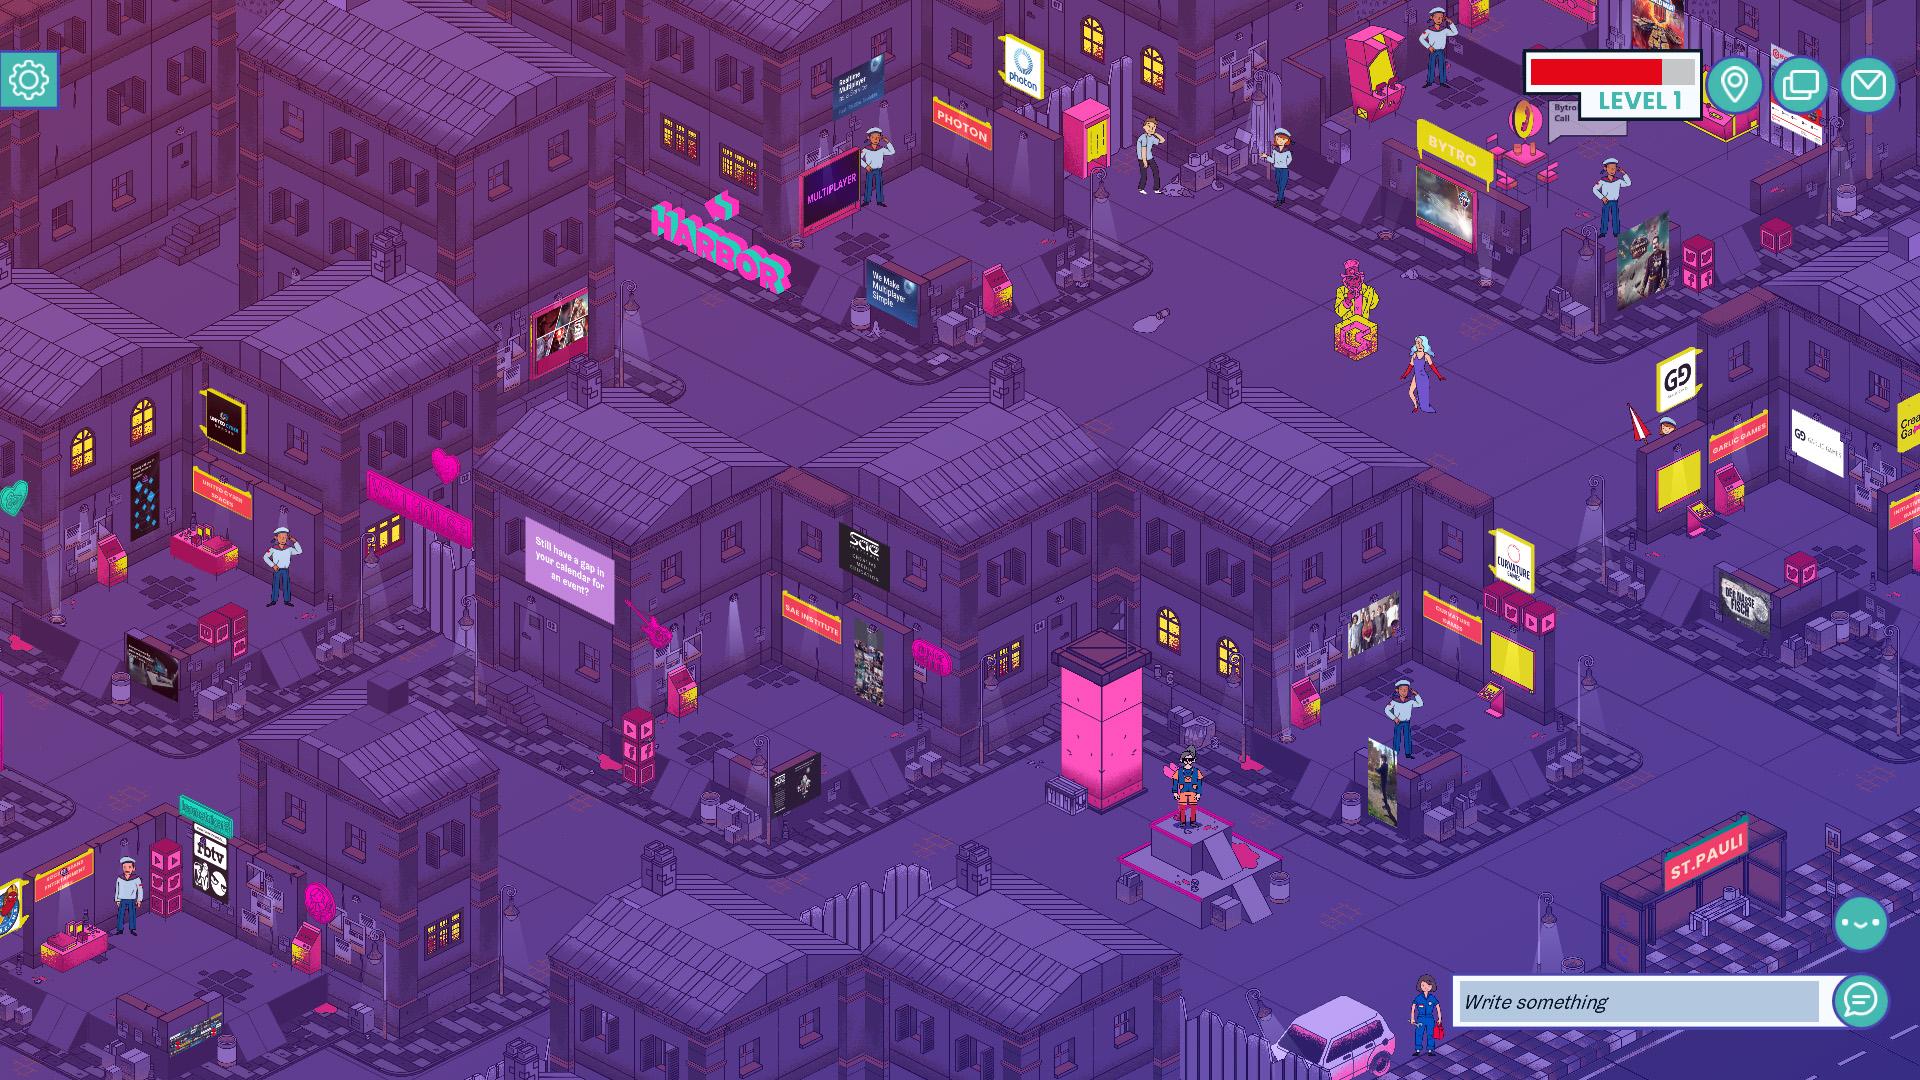 gamecity hamburg gamecity online hub gameplay st. pauli